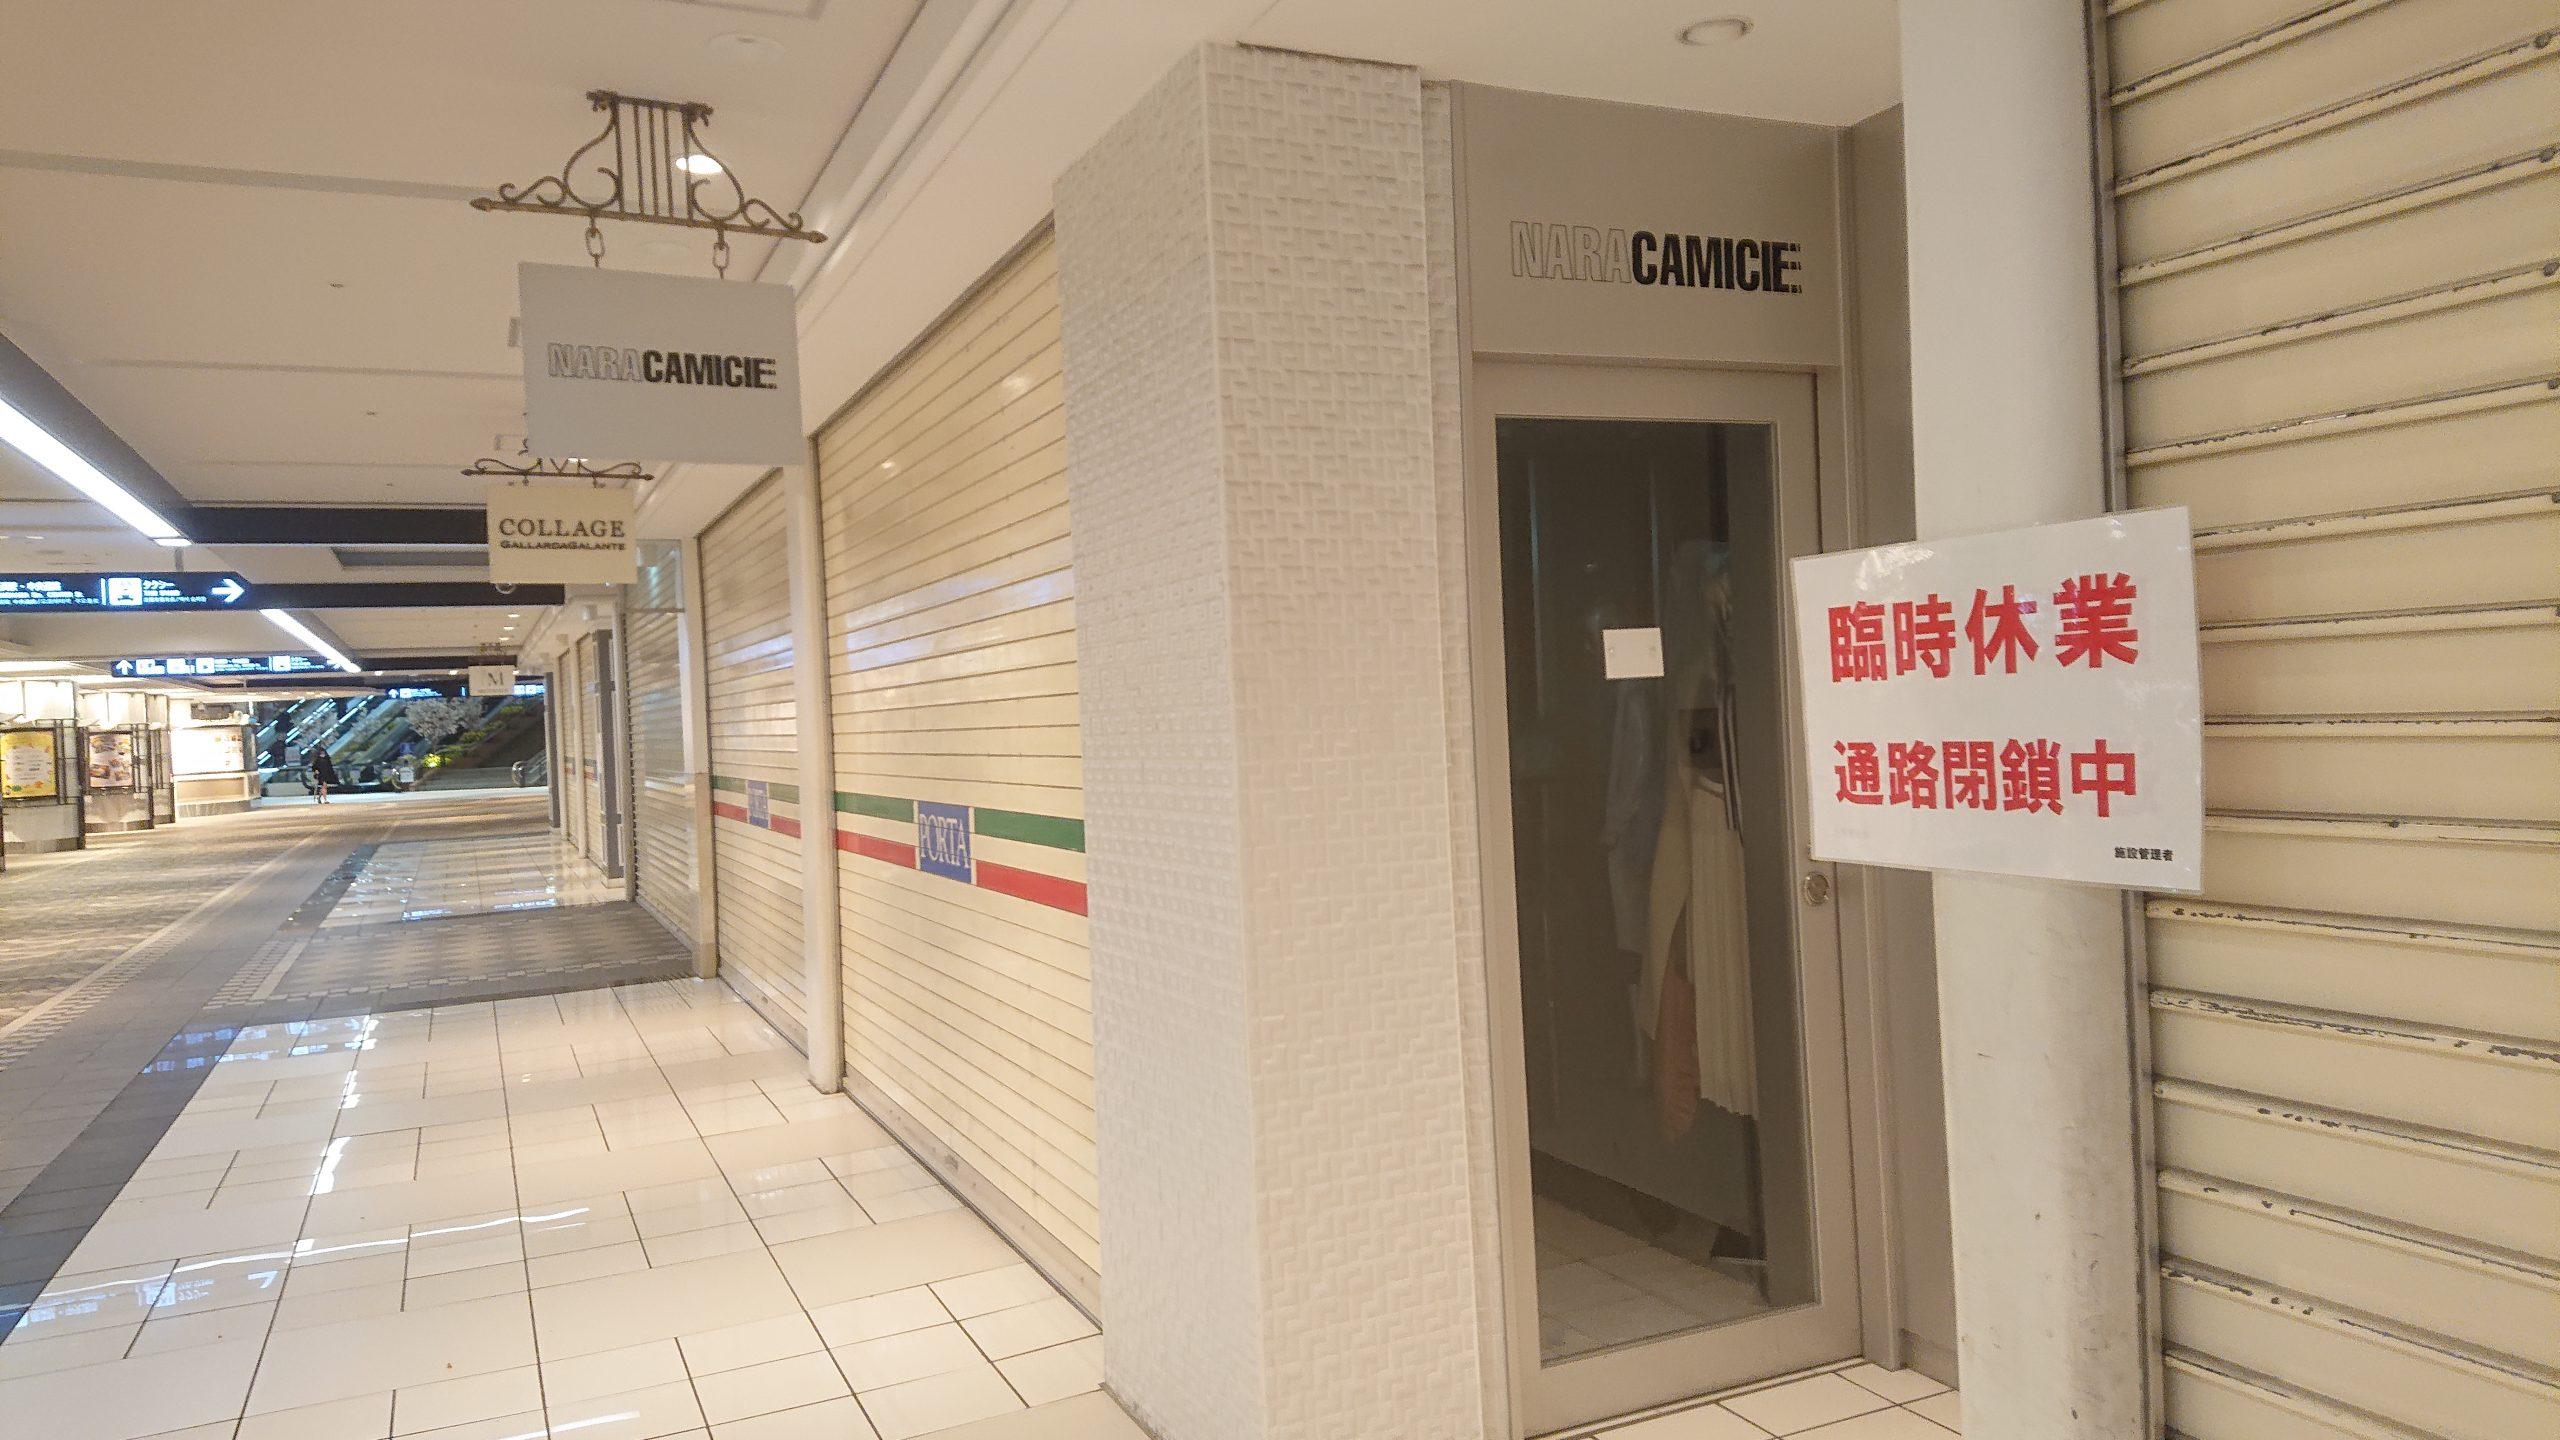 臨時休業の為シャッターが閉まった地下街